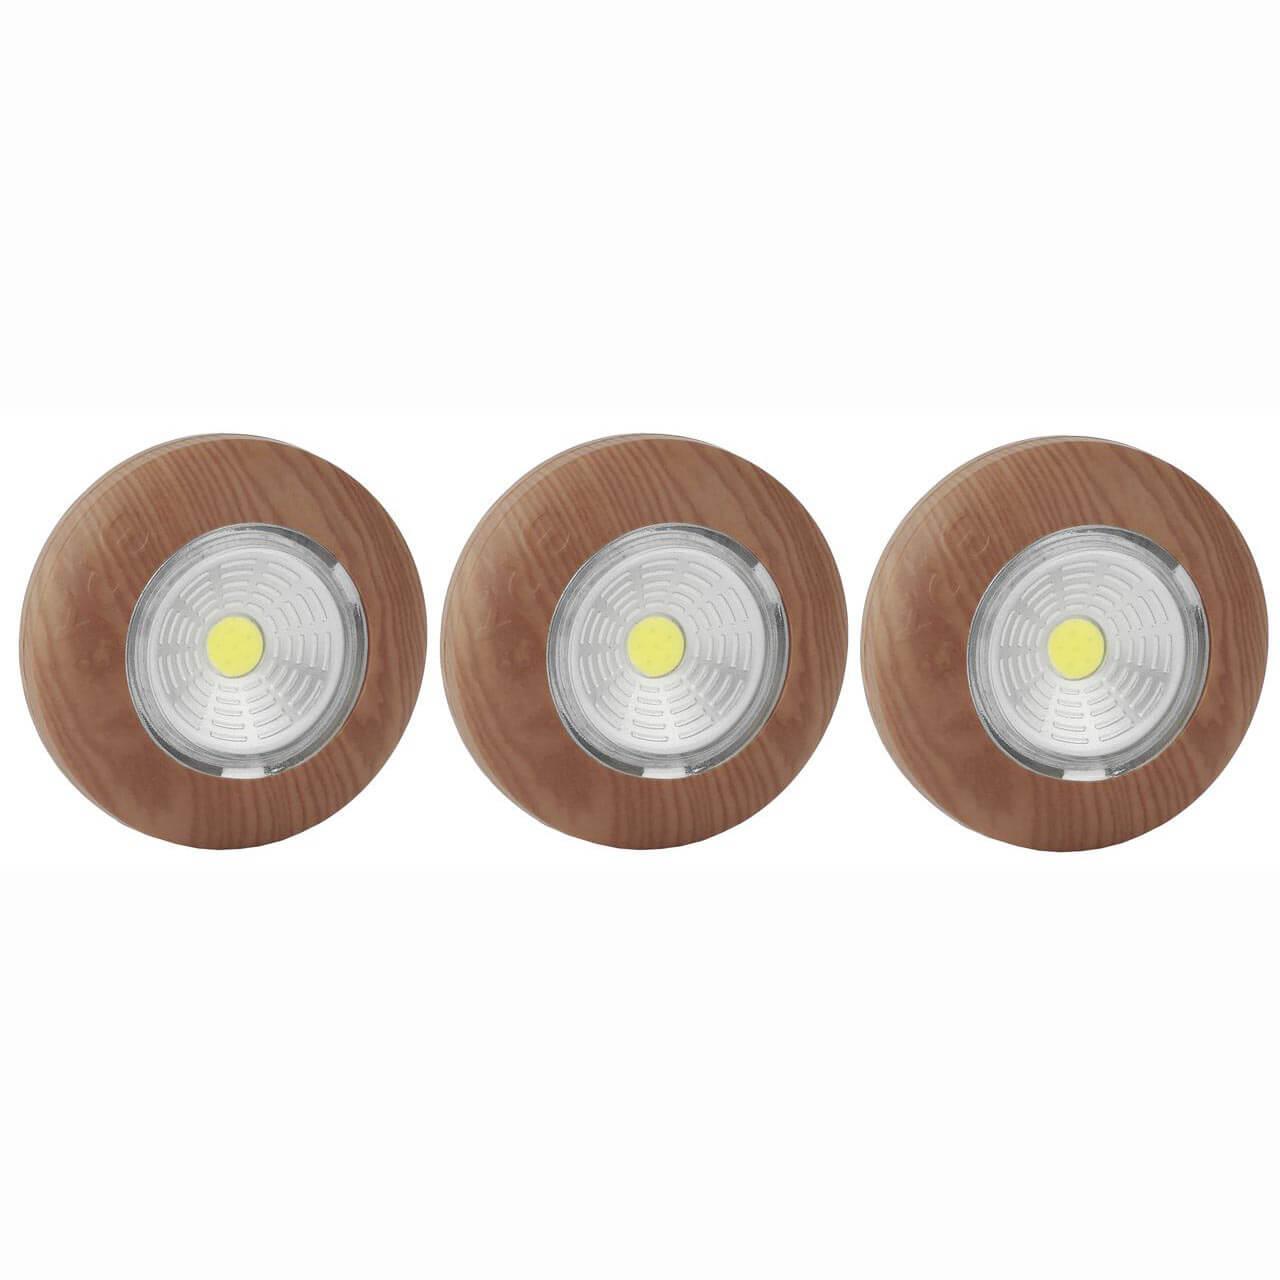 цена на Настенный светодиодный светильник ЭРА Аврора COB SB-506